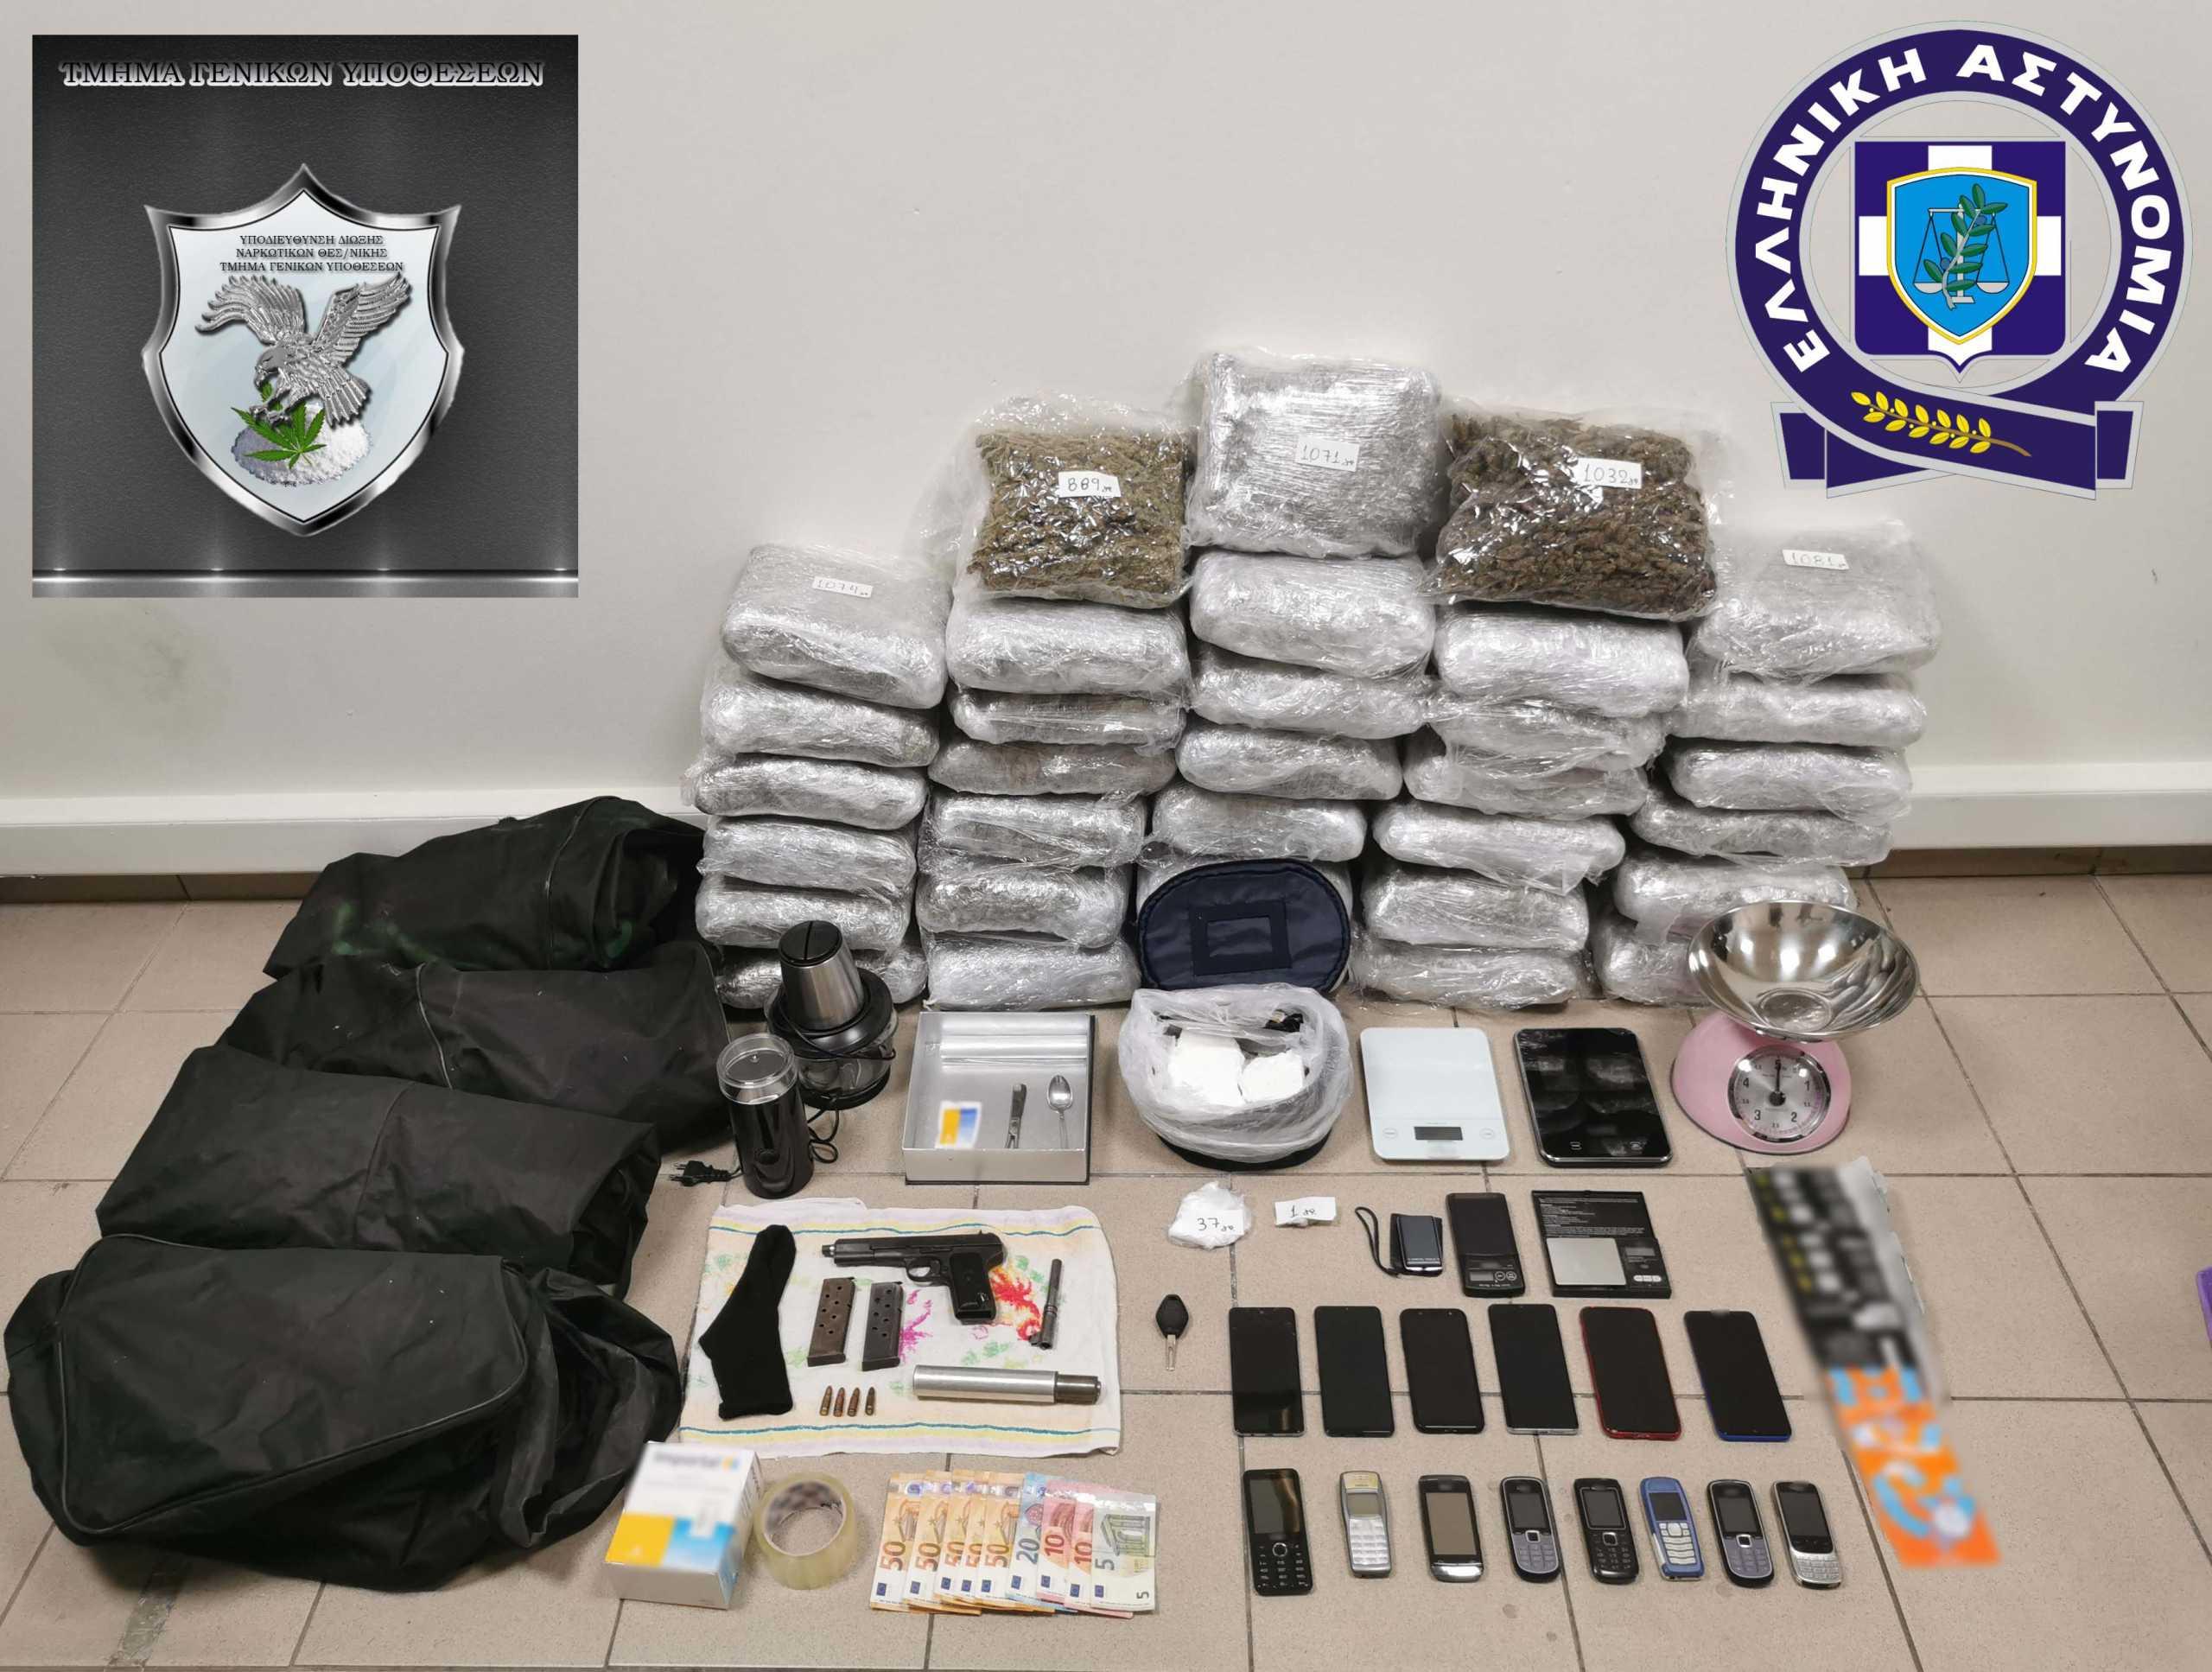 Θεσσαλονίκη: Συνελήφθη  ο «εγκέφαλος» κυκλώματος διακίνησης μεγάλων ποσοτήτων ναρκωτικών